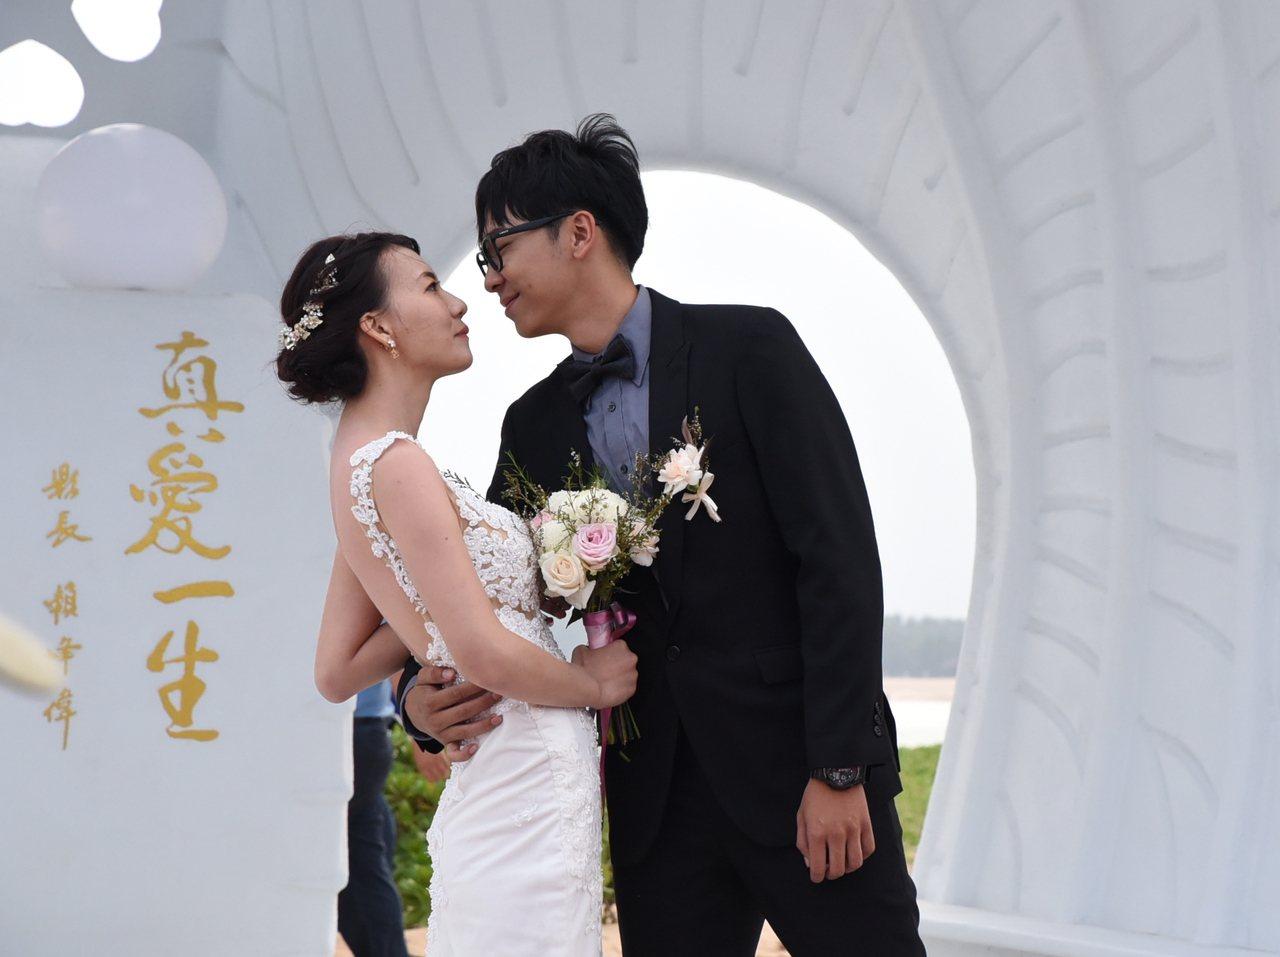 「情定澎湖灣」海島世紀婚禮 新人貝殼教堂前情定一生